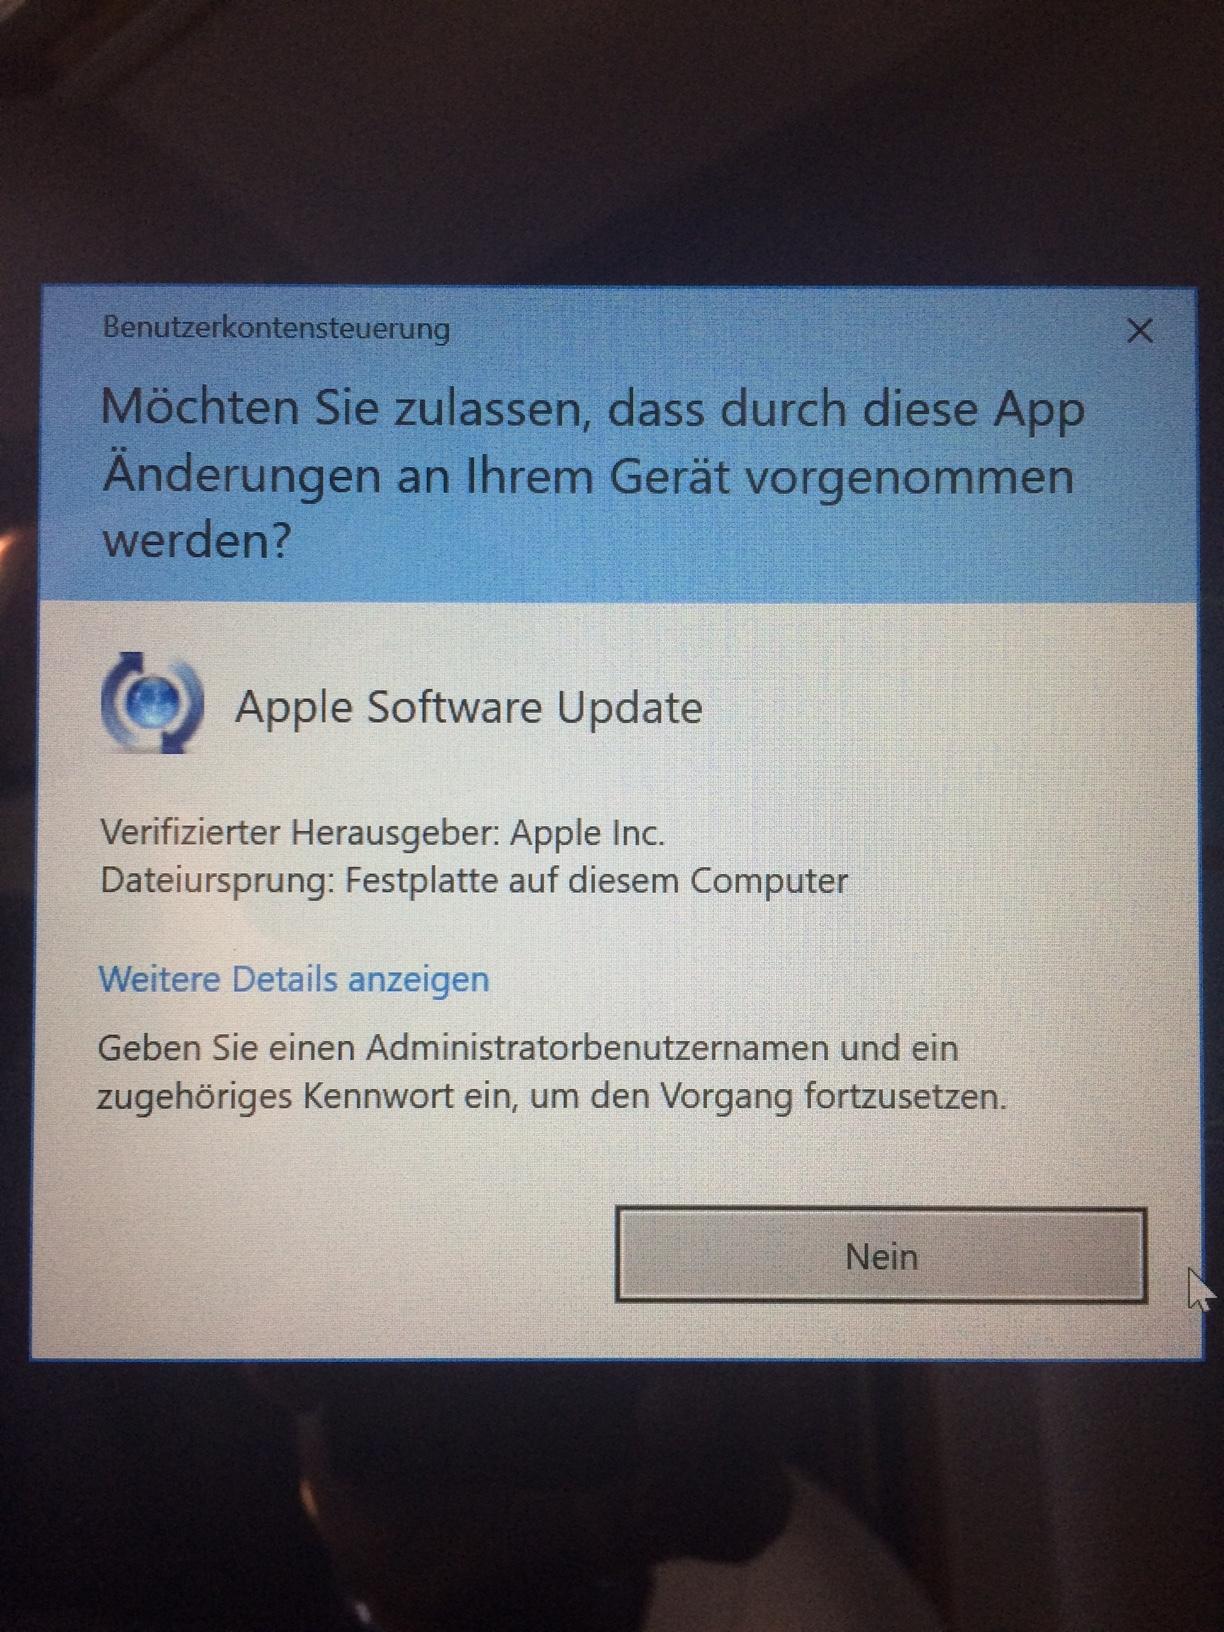 Benutzerkontensteuerung WIN 10 lässt keine Auswahl mehr bei Updates zu, nur NEIN???